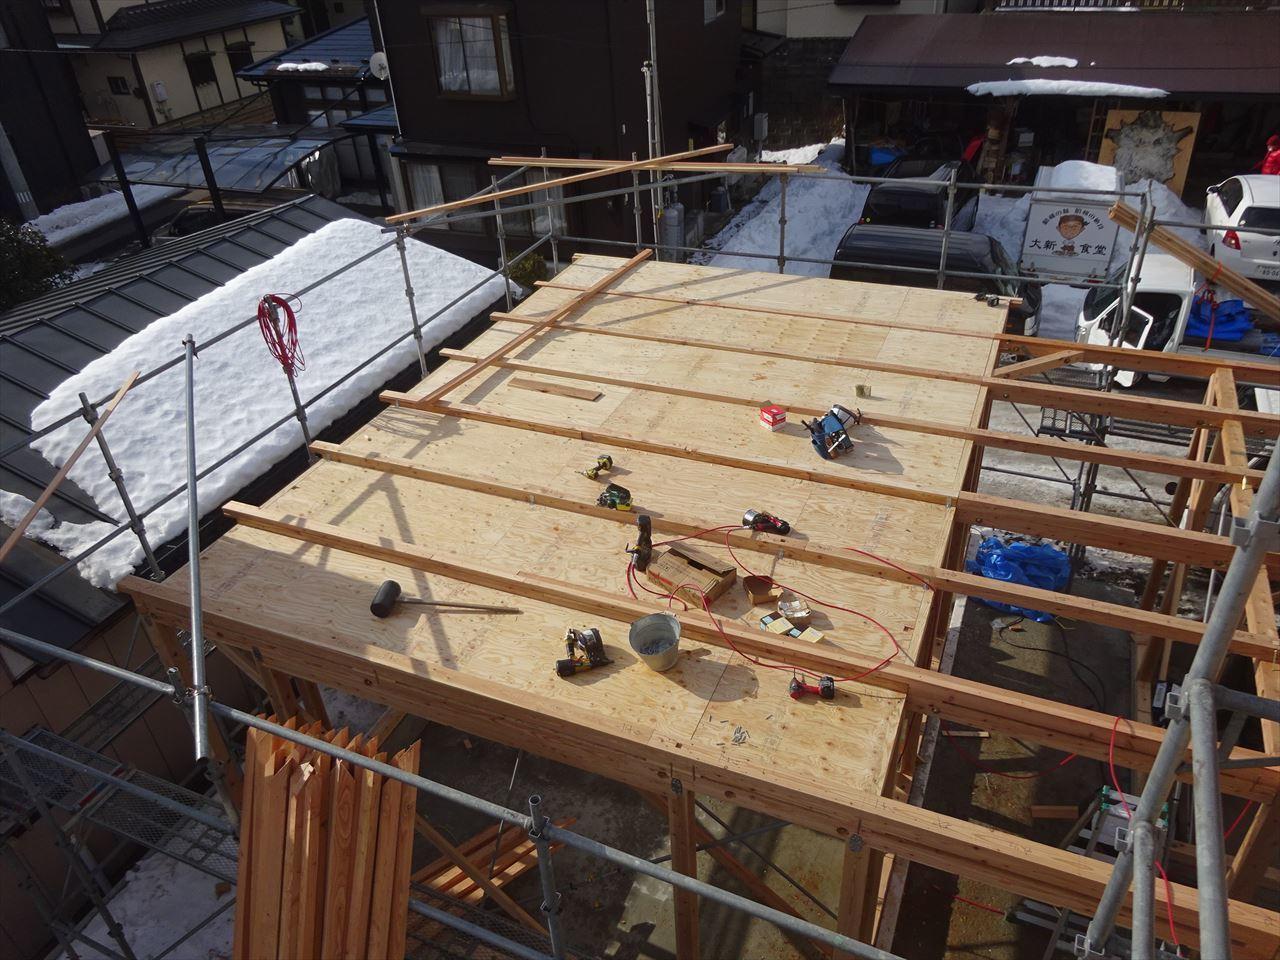 緑ヶ丘 アトリエのある家 建て方進行中!_f0105112_04110668.jpg